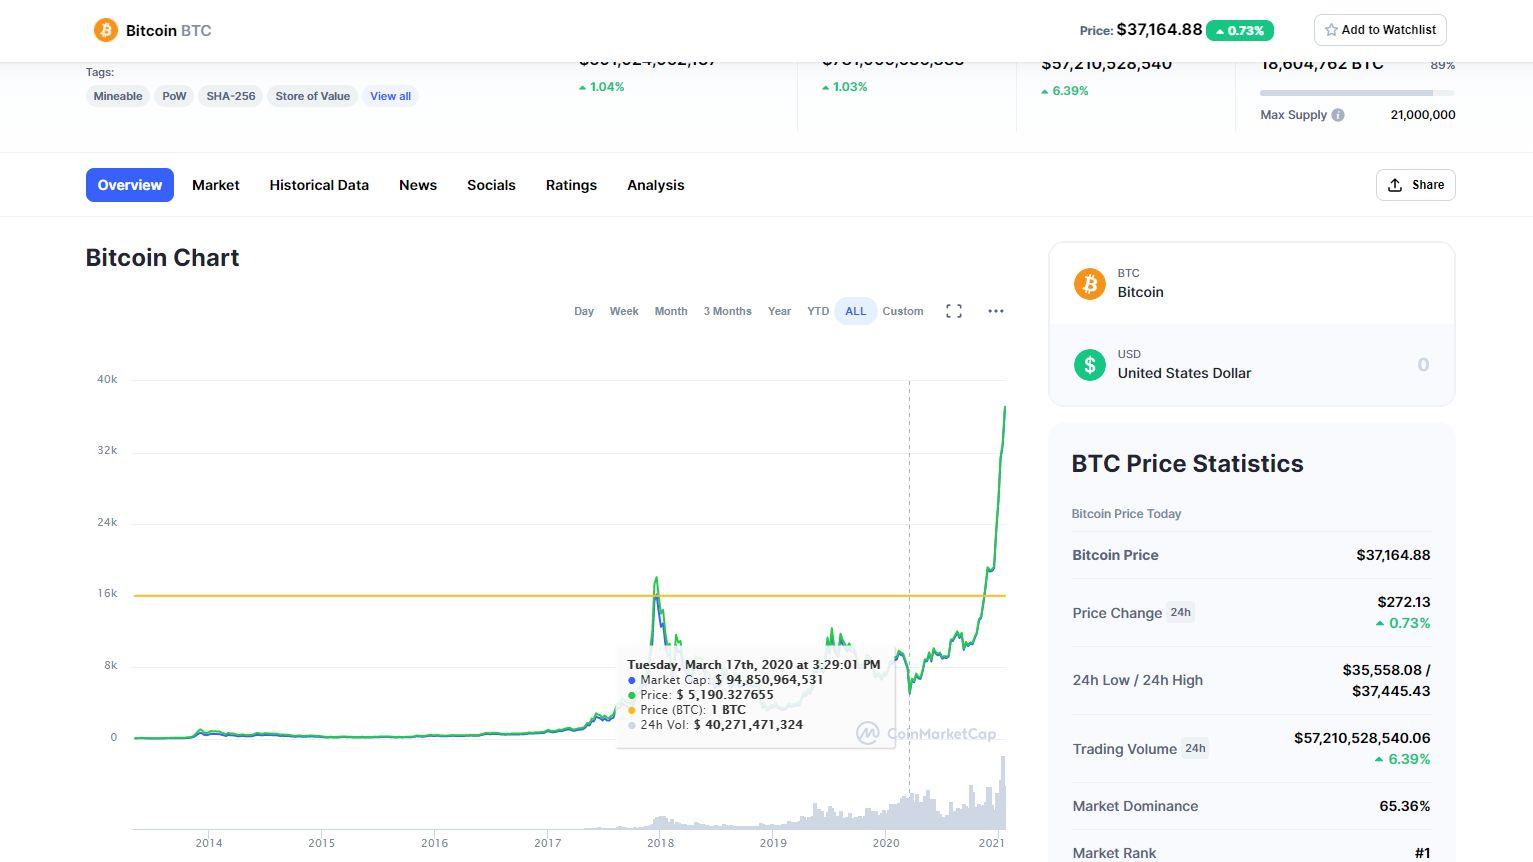 Pateikdami prekybos kripto su tradingview Kaip prekiauti